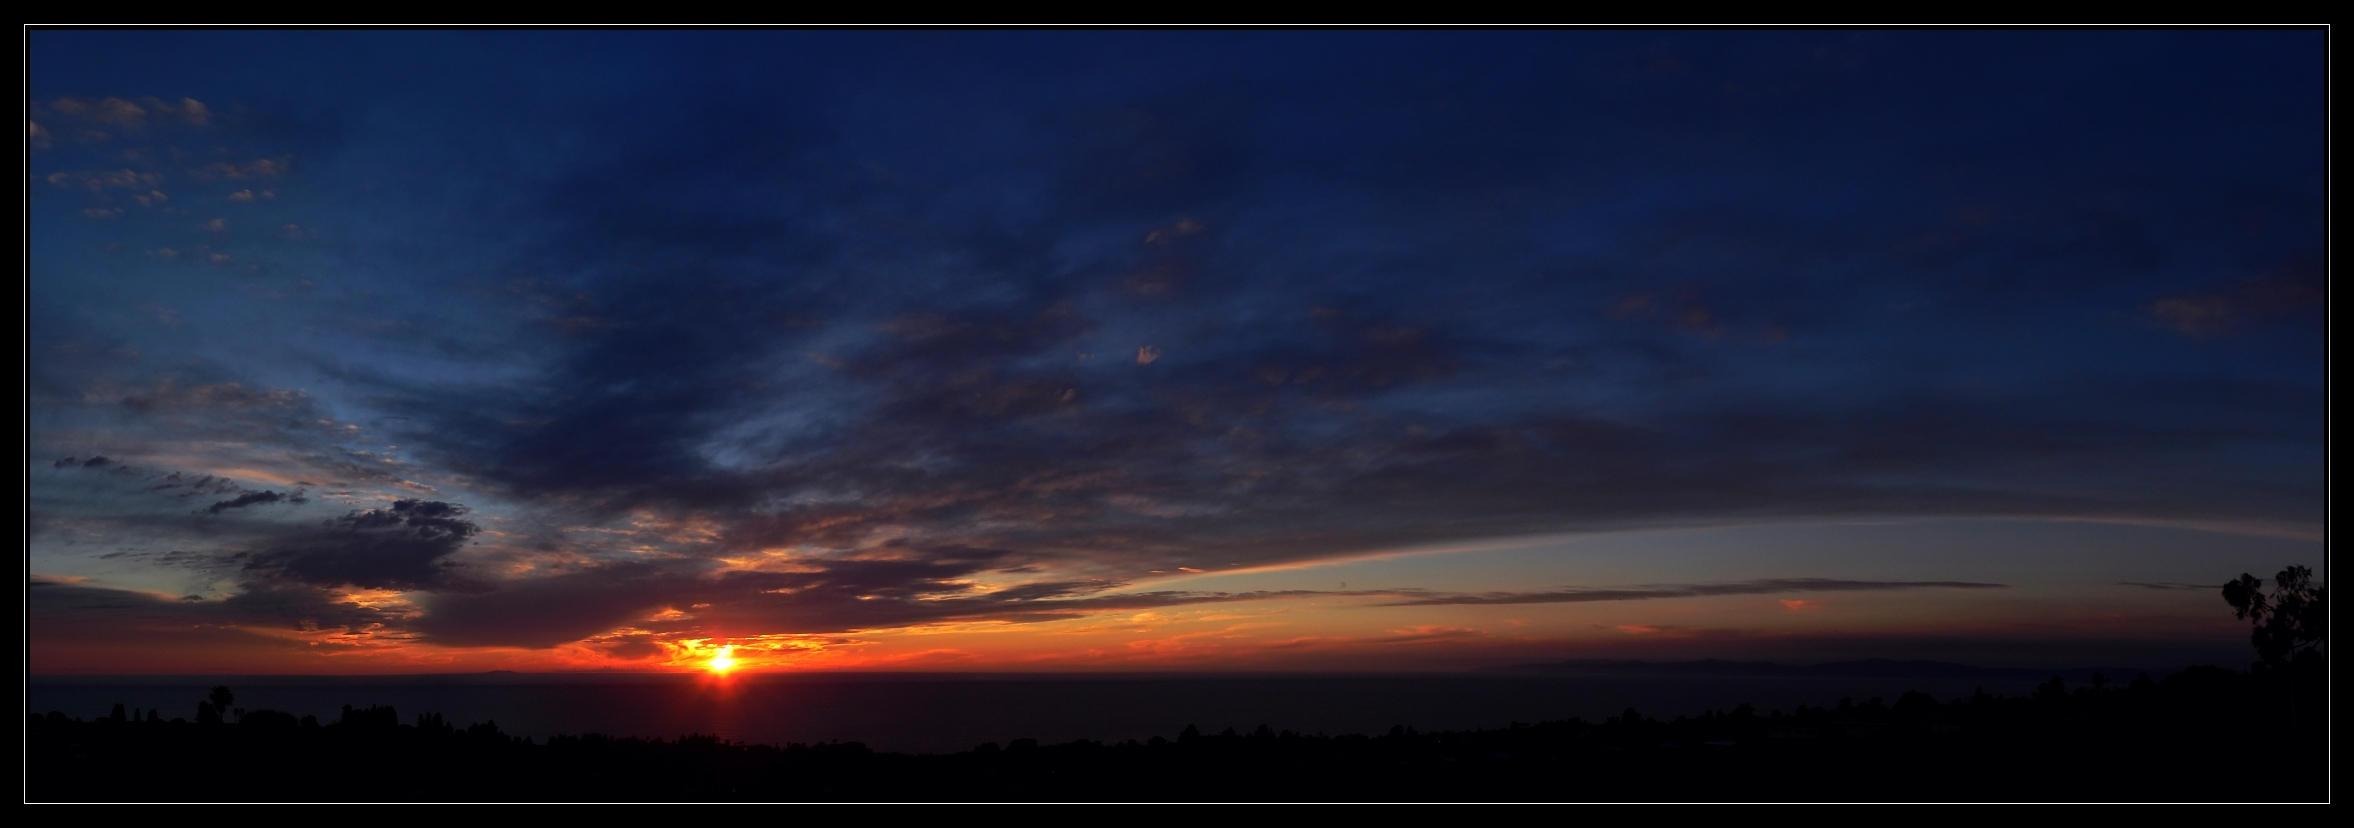 Sunset Convergence by plenTpak